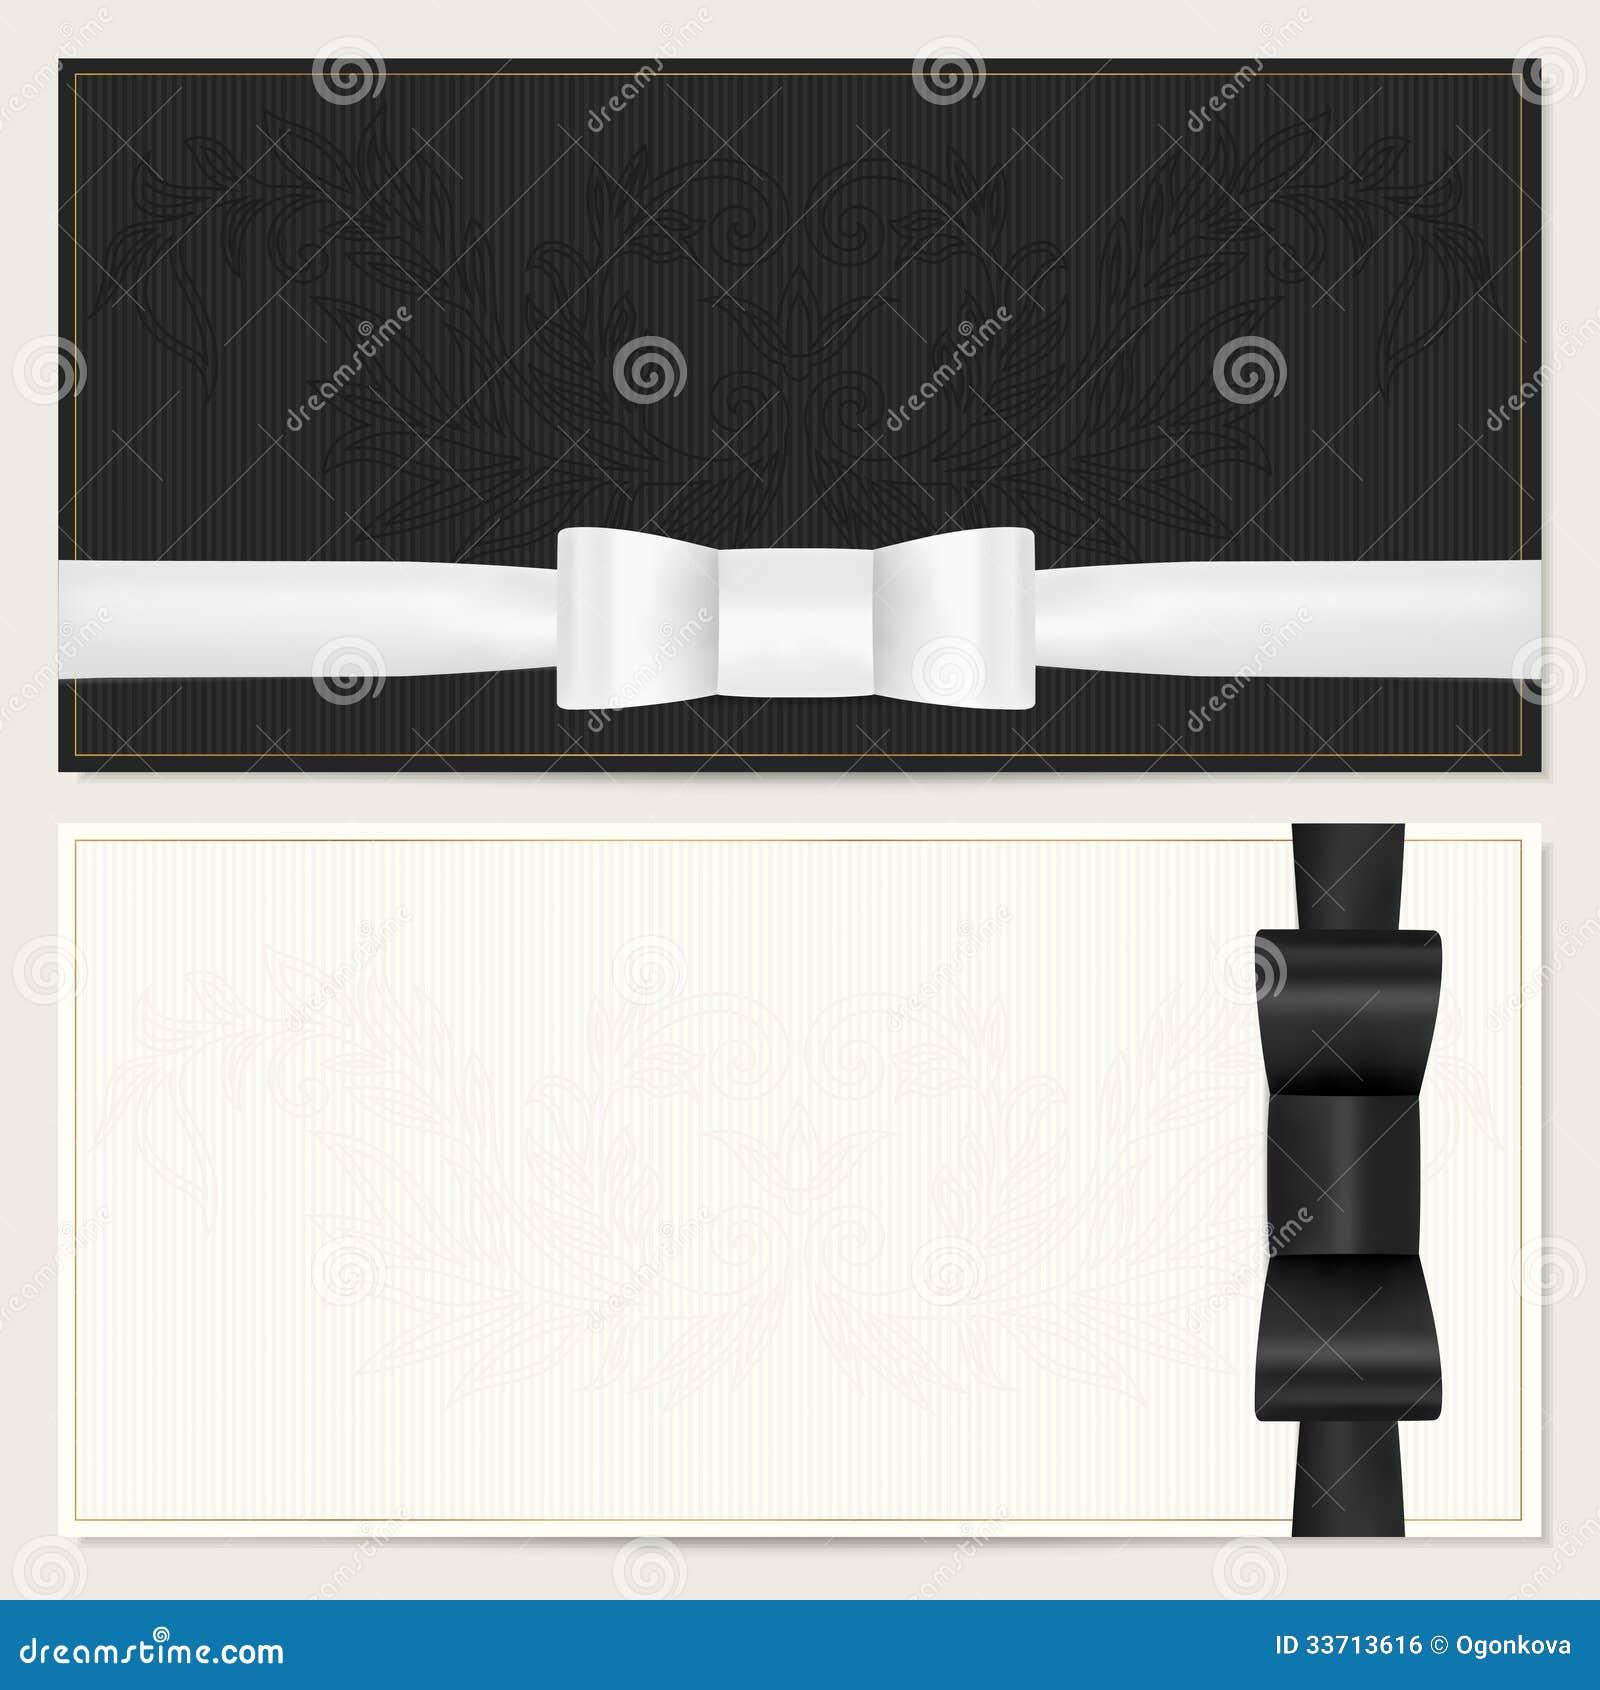 Bow Tie Invitation with perfect invitation ideas